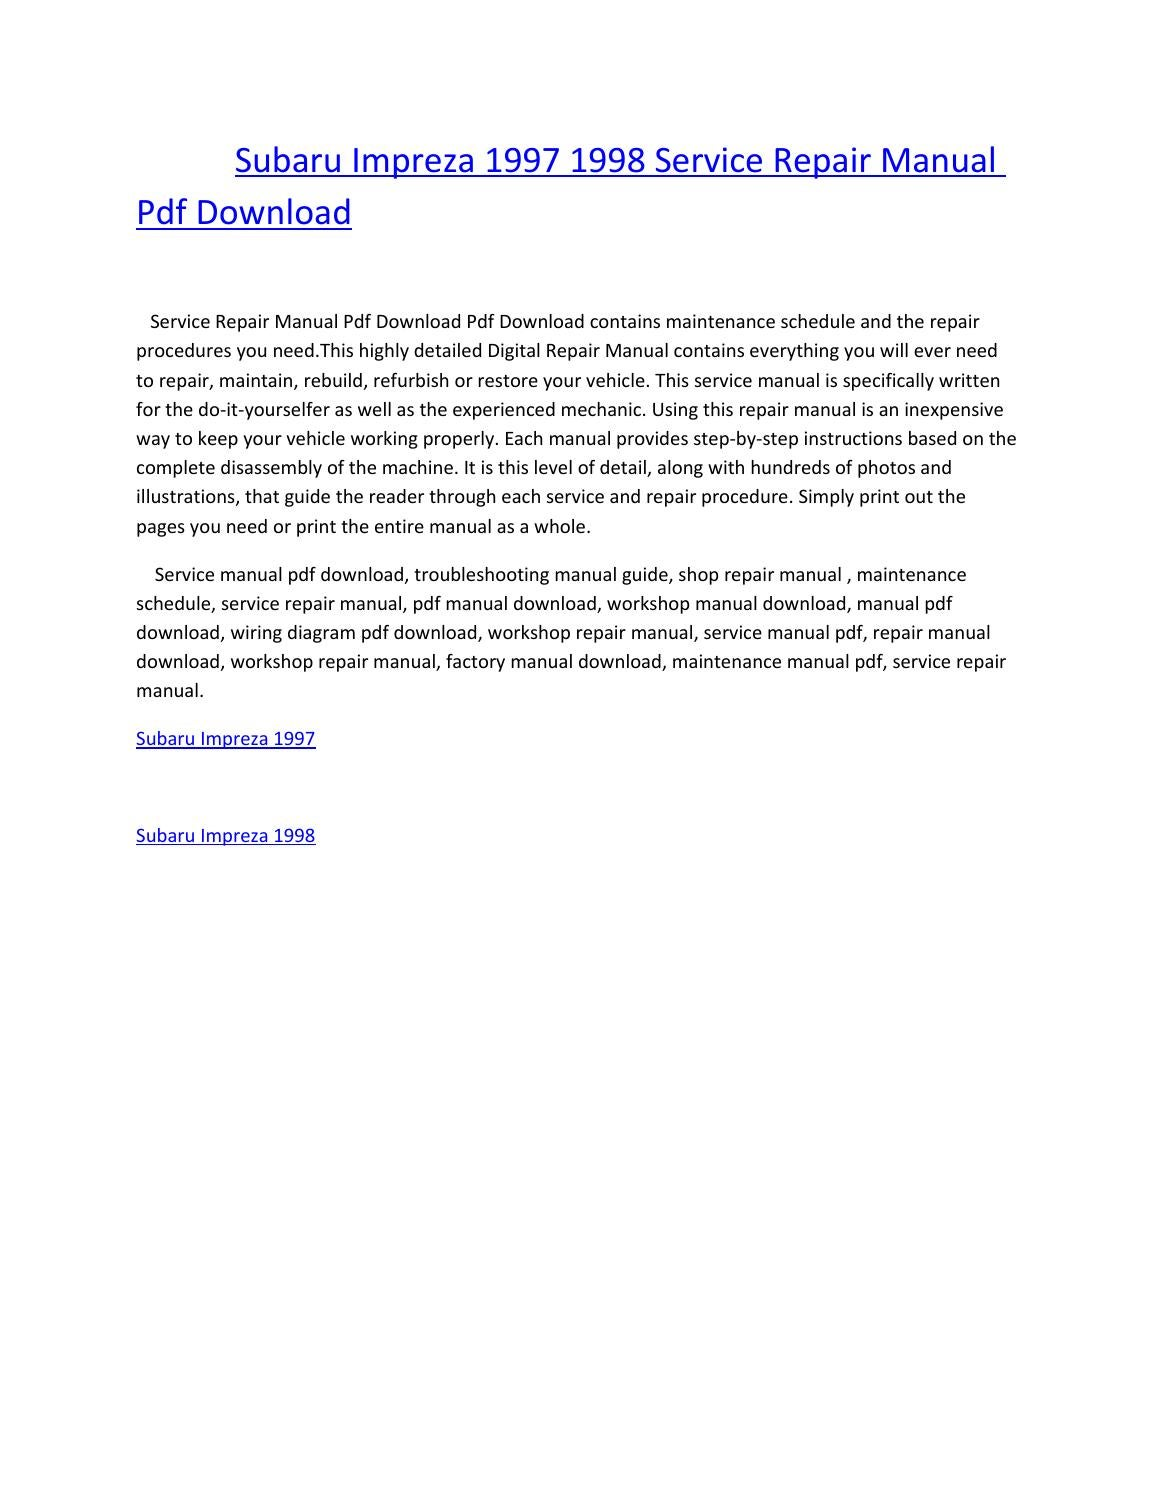 Subaru impreza 1997 1998 service repair manual pdf download by amurgului -  issuu